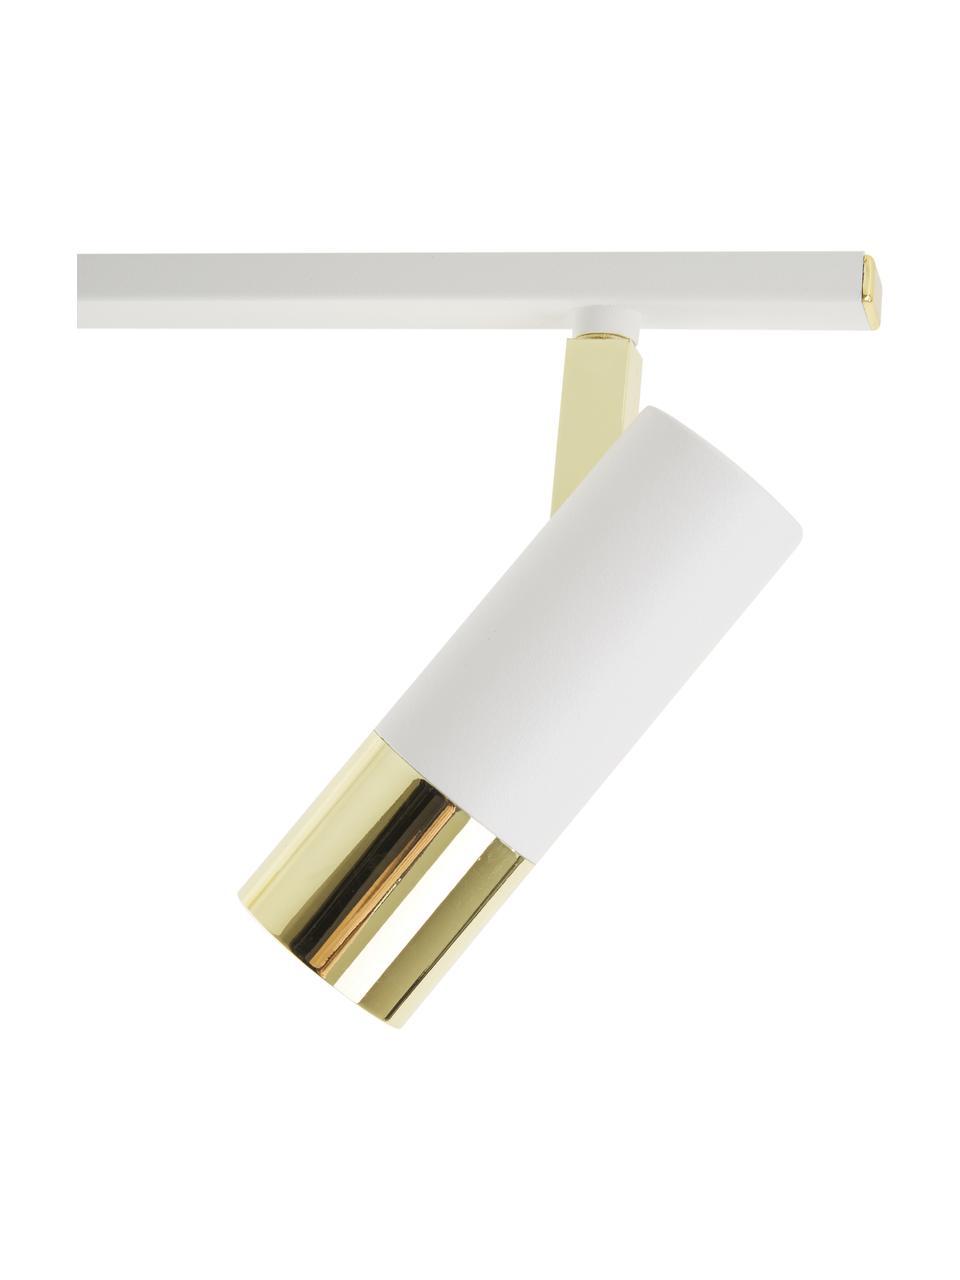 Lampa sufitowa LED Bobby, Biały, S 66 x W 13 cm